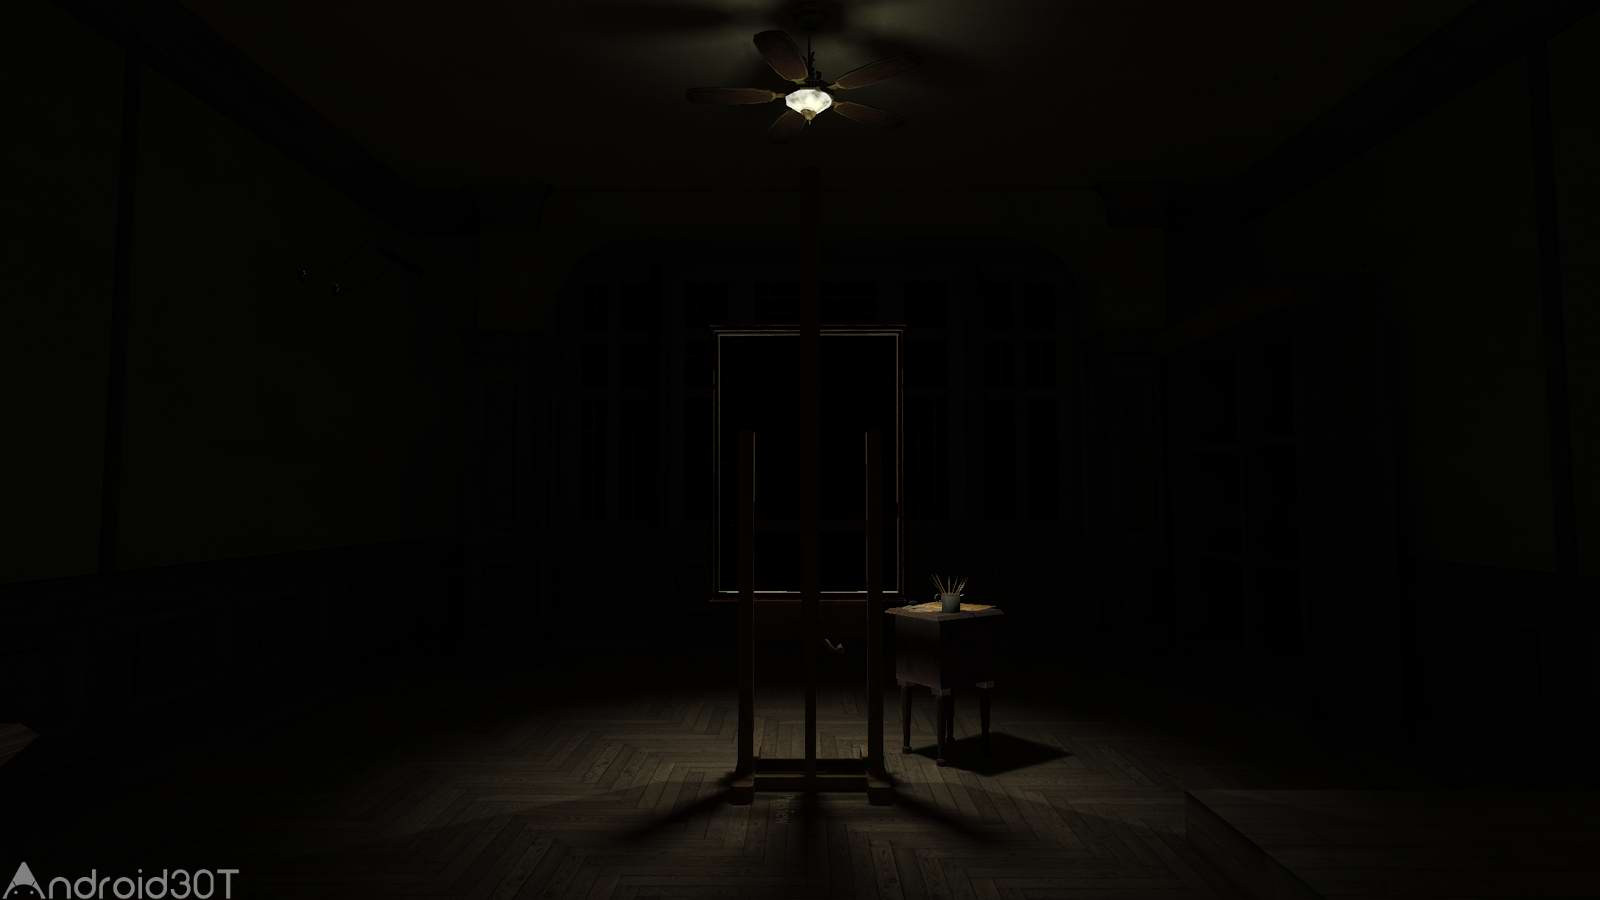 دانلود Layers of Fear: Solitude 1.0.26 – بازی ترسناک و جذاب اندروید